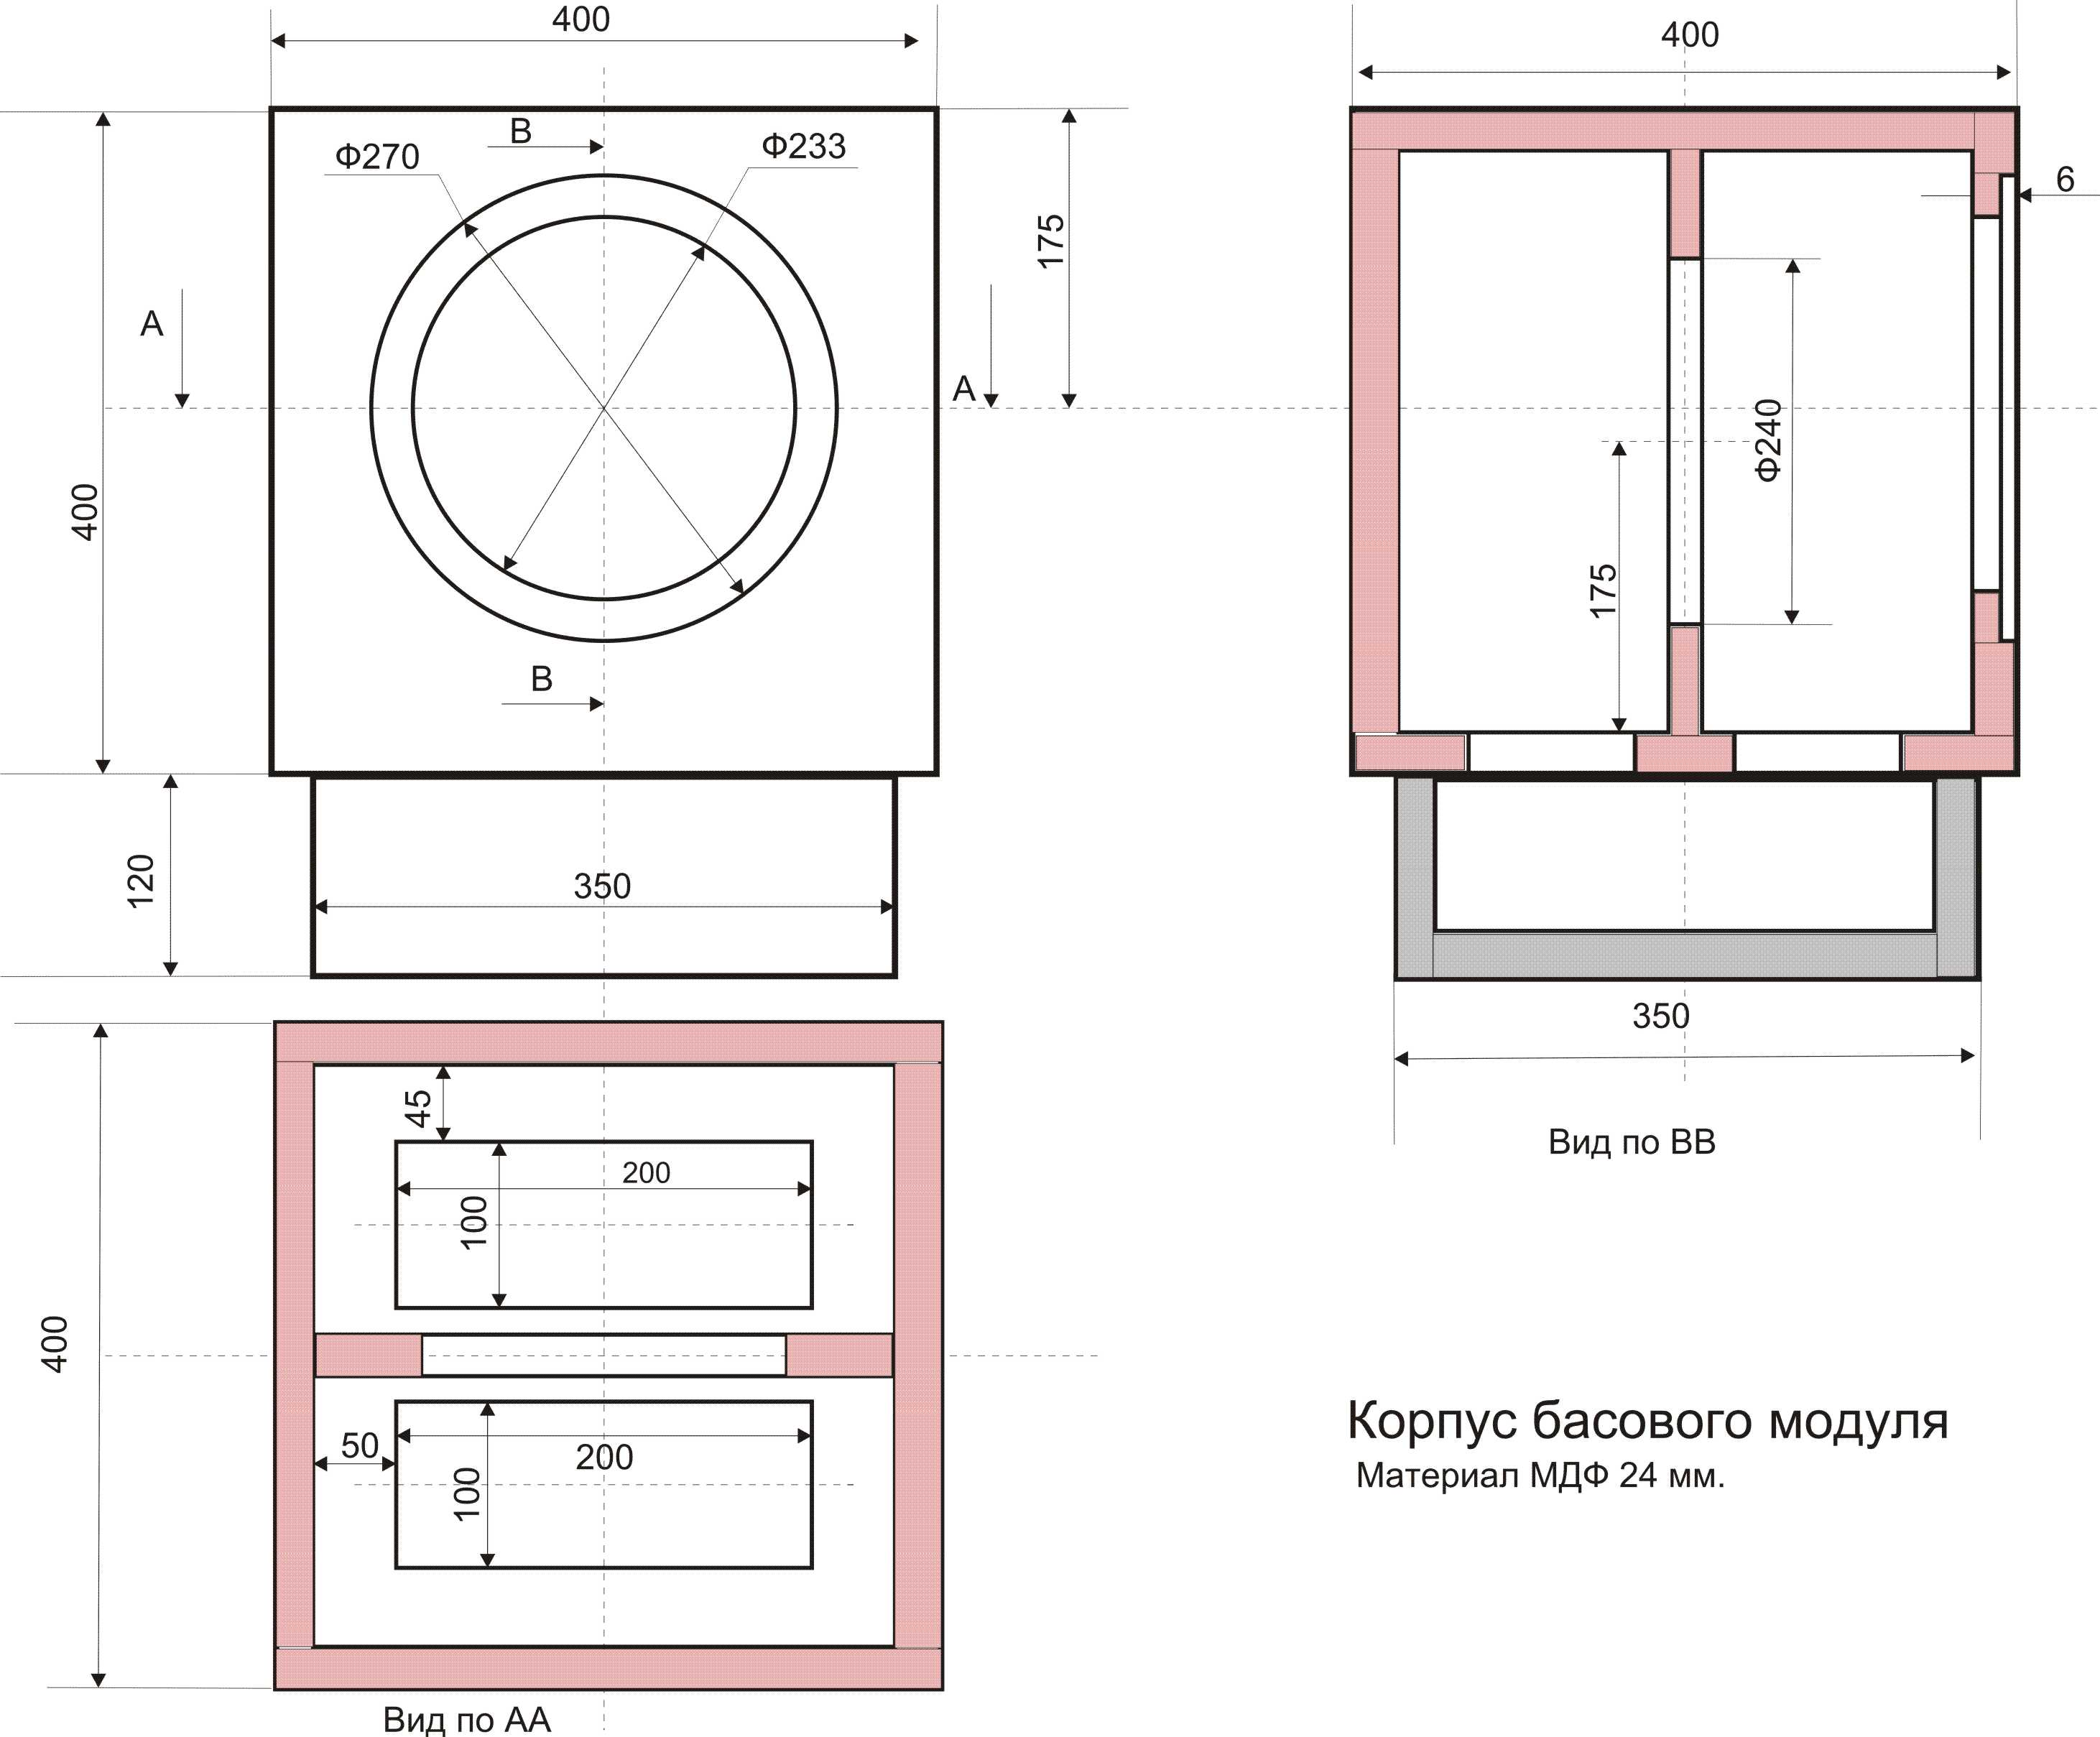 Как сделать корпус для сабвуфера? Тонкости постройки 44